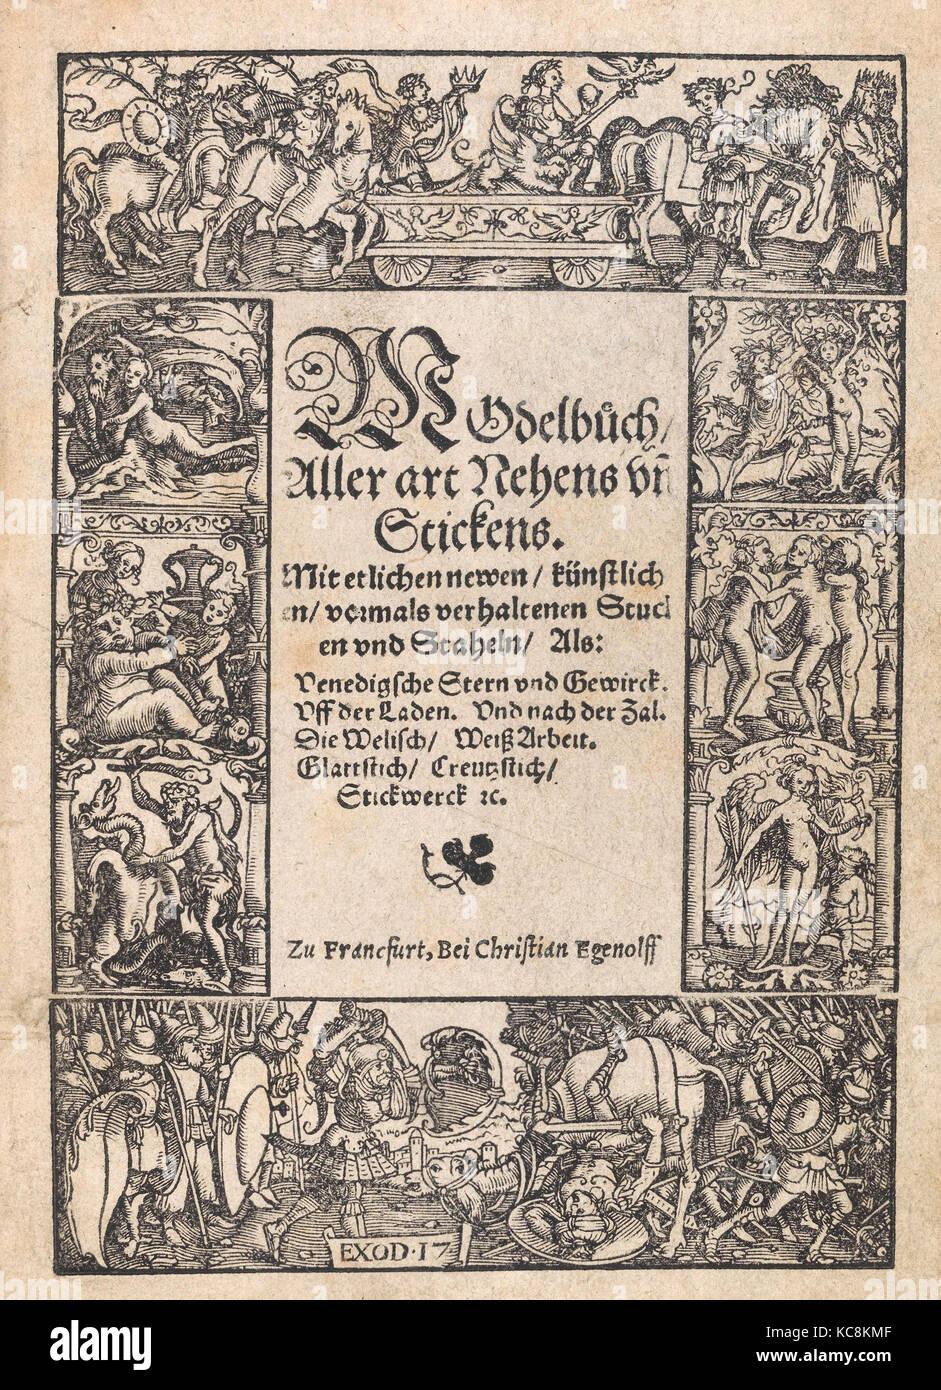 Disegni e stampe, libri stampe ornamento e architettura, Titel pagina dal Modelbuch aller Art Nehens vn Stickens Immagini Stock